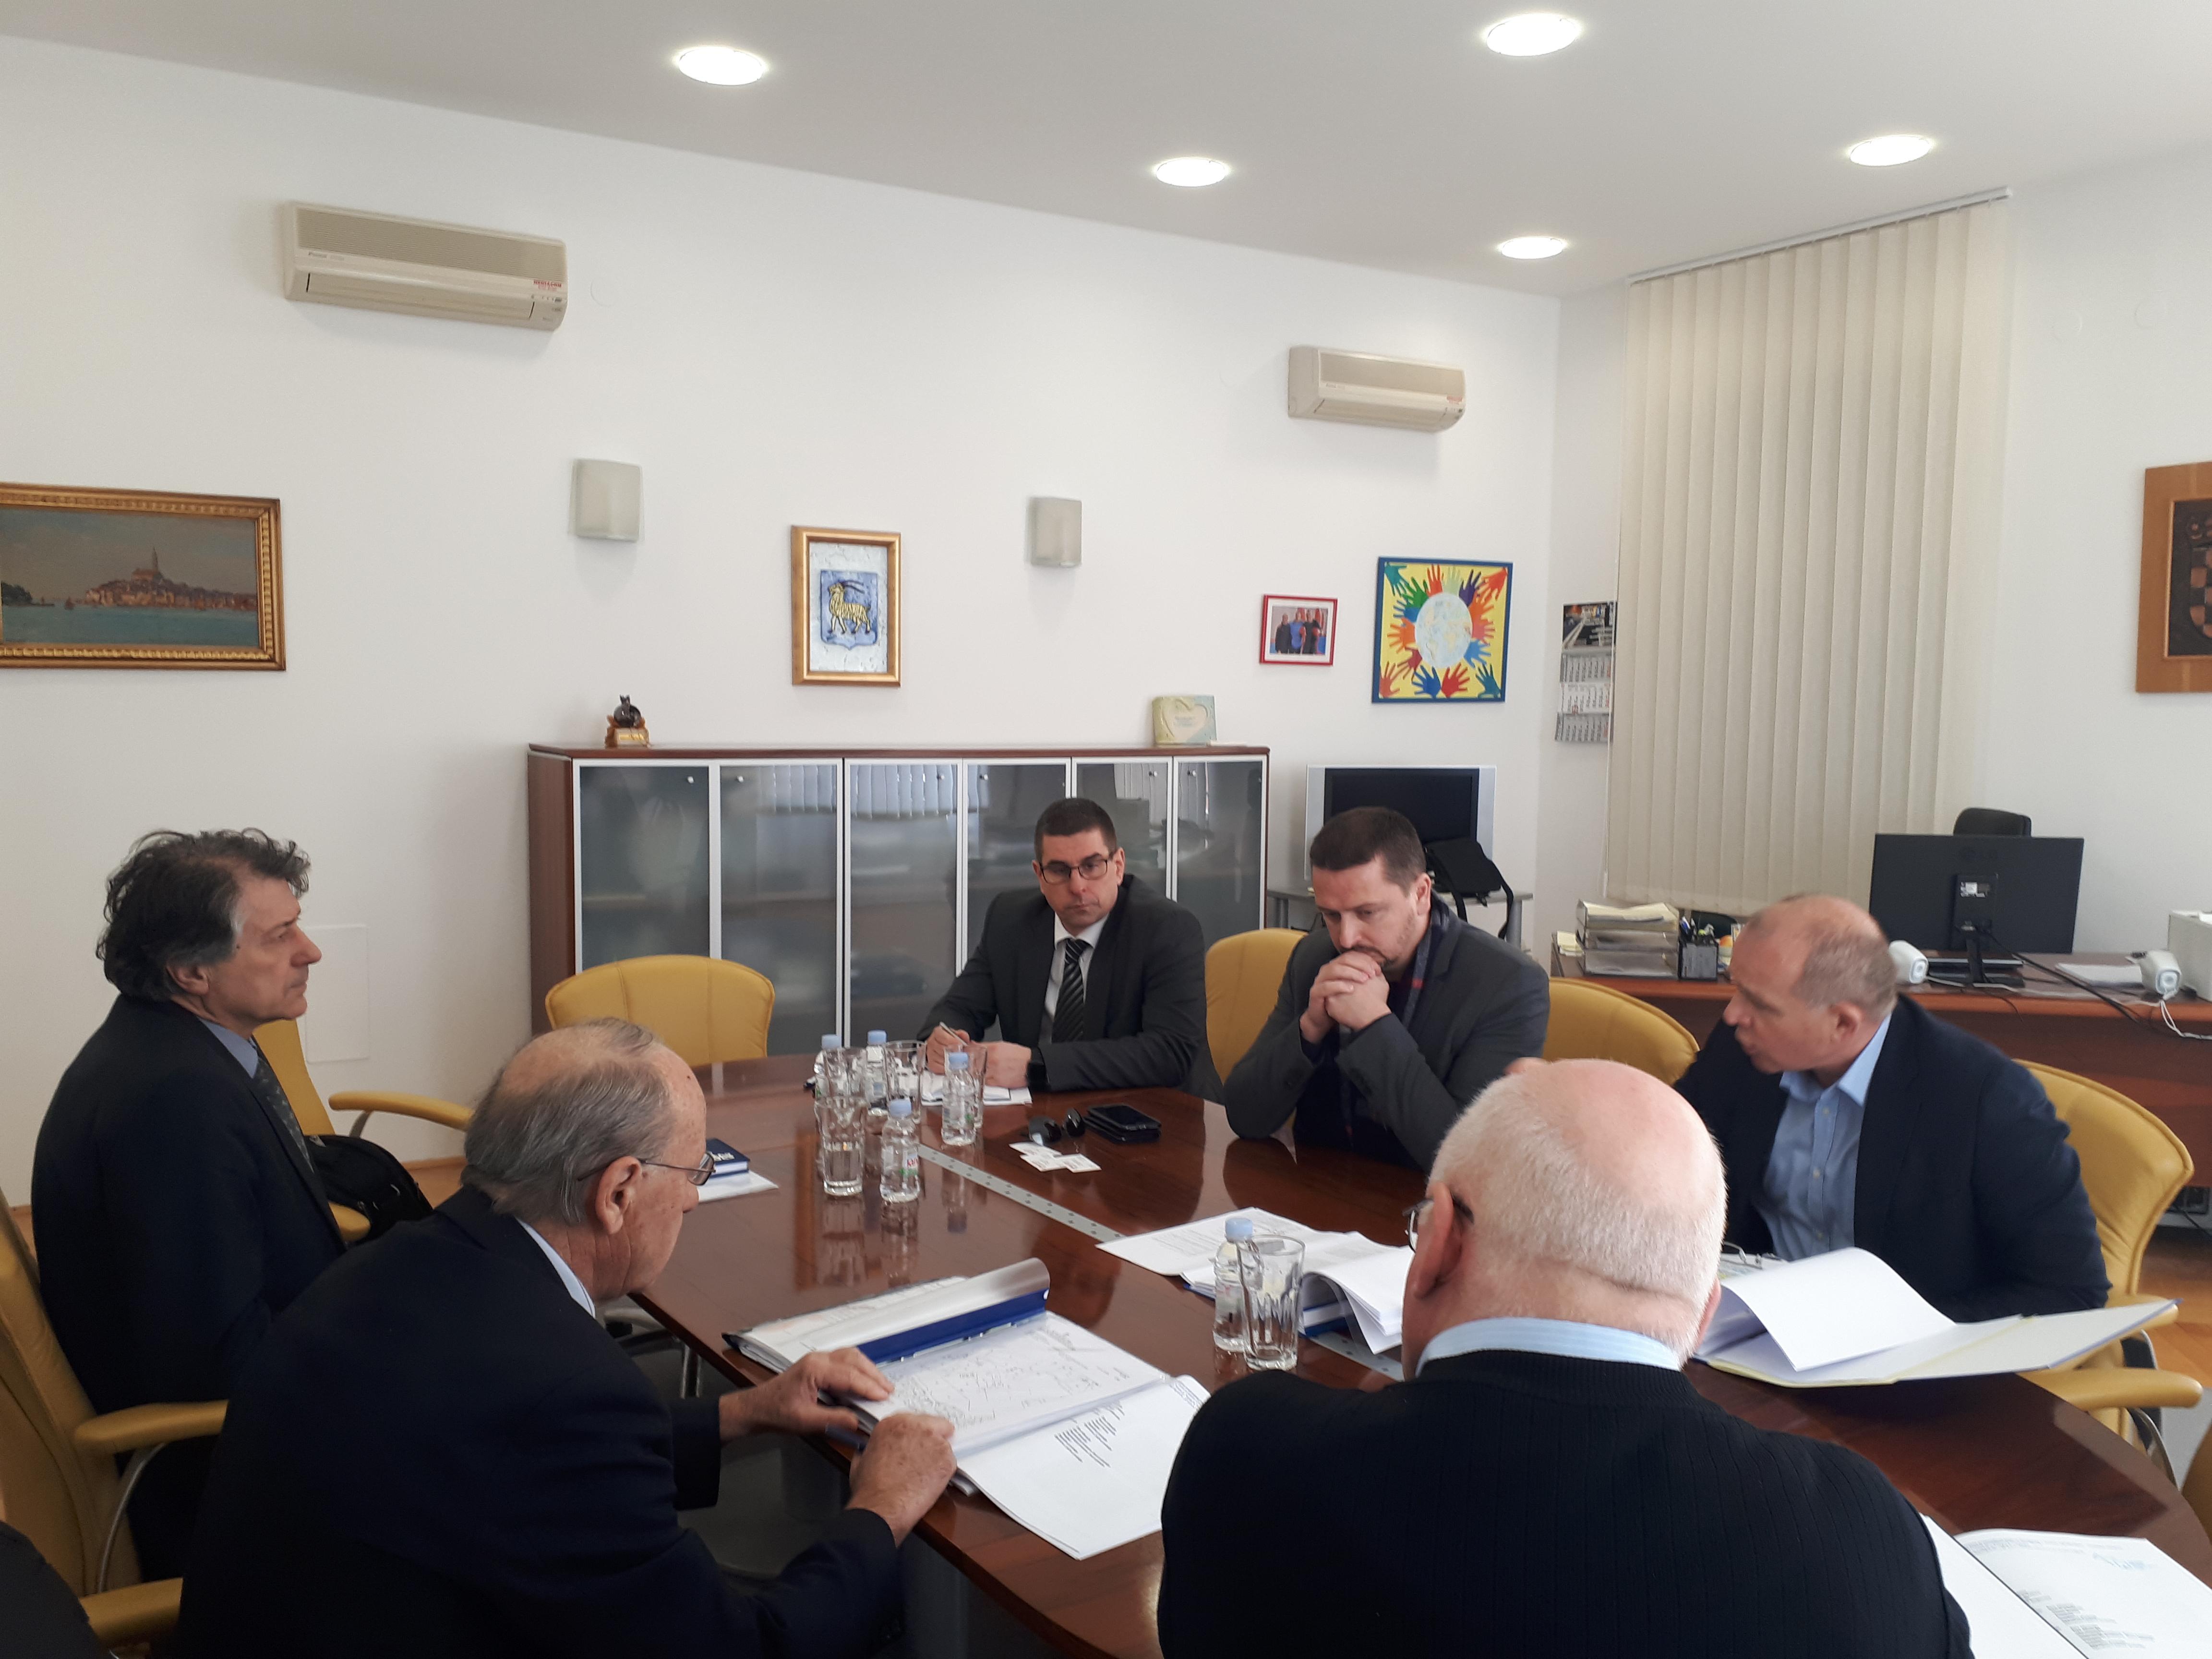 Si è tenuta la riunione con l'assistente del ministro alla cultura